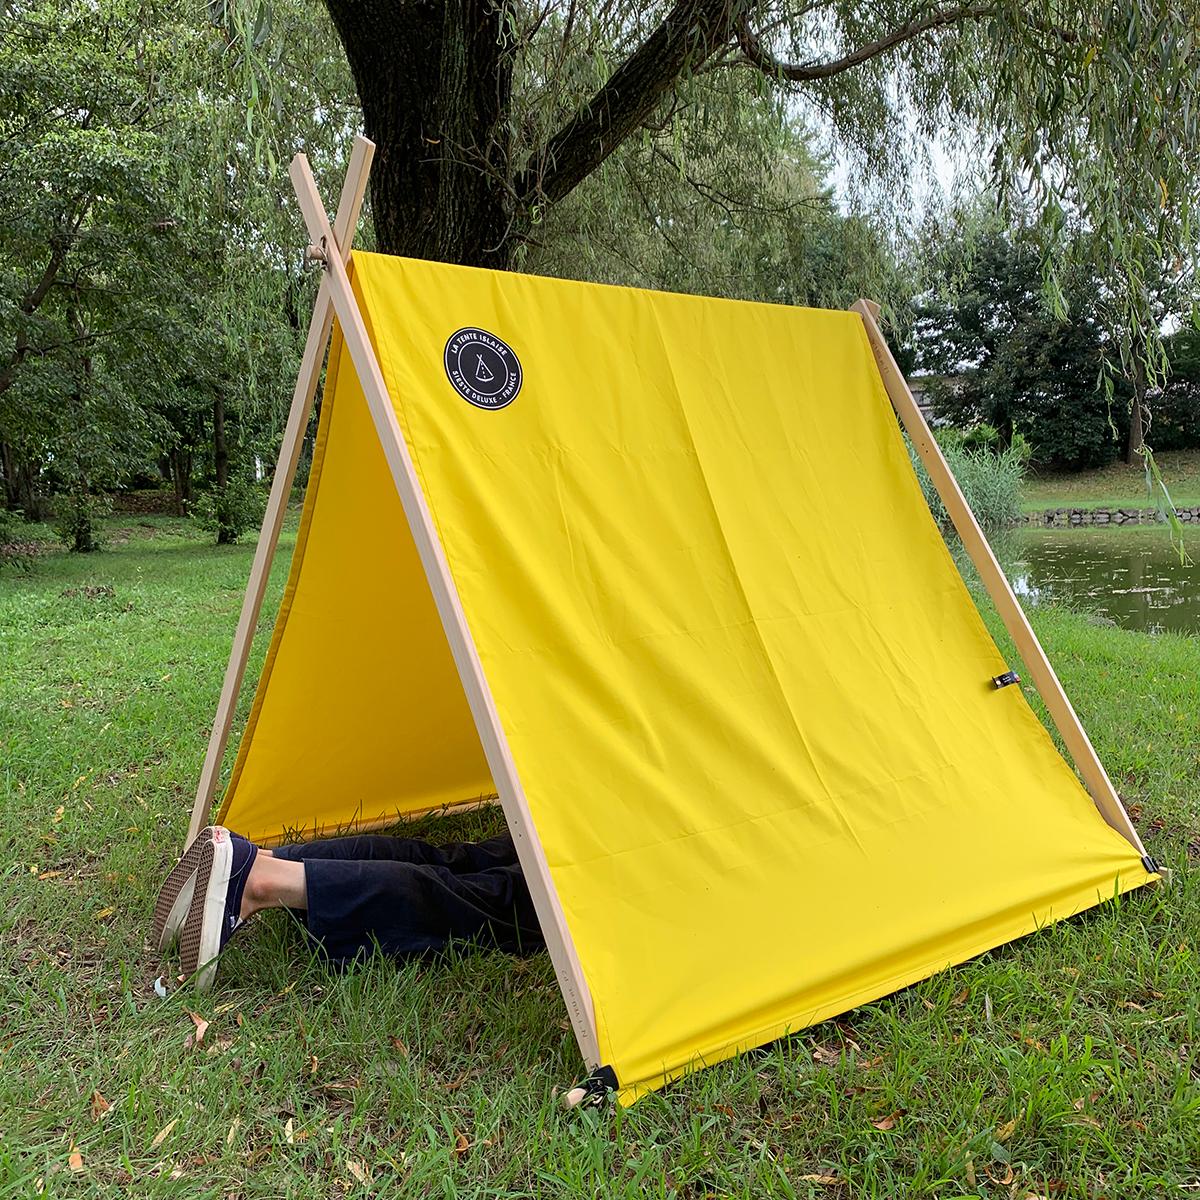 寝転がると、開いた面から青空や公園の木も見えて、まるで自分が自然の一部になったみたい。大人の新しいリラックス習慣に、子どもたちの遊び道具に。「帆布テント」|LA TENTE ISLAISE(ラ・タント・イレーズ)